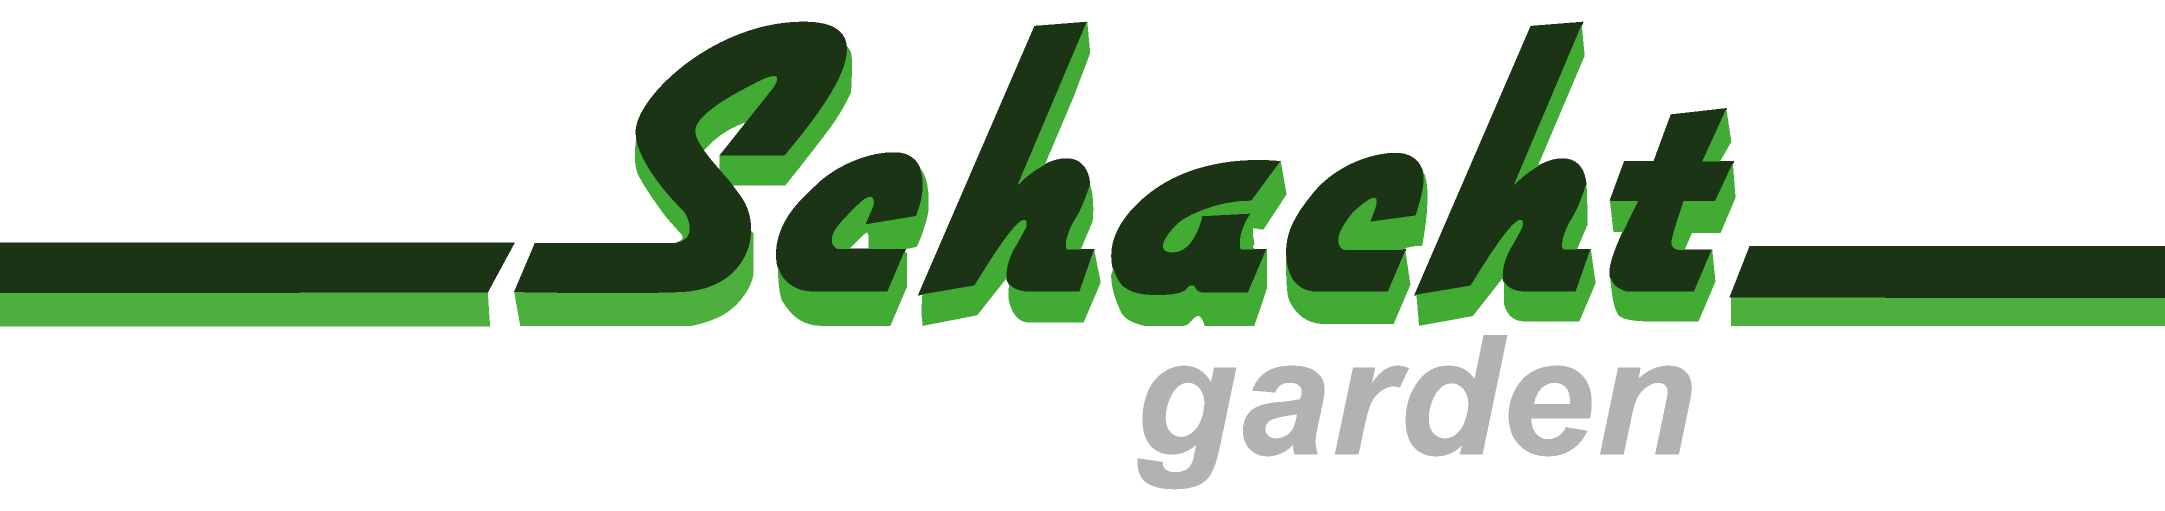 Schacht garden | Garten | Landschaftsbau | Zaun | Tore | Gabionen